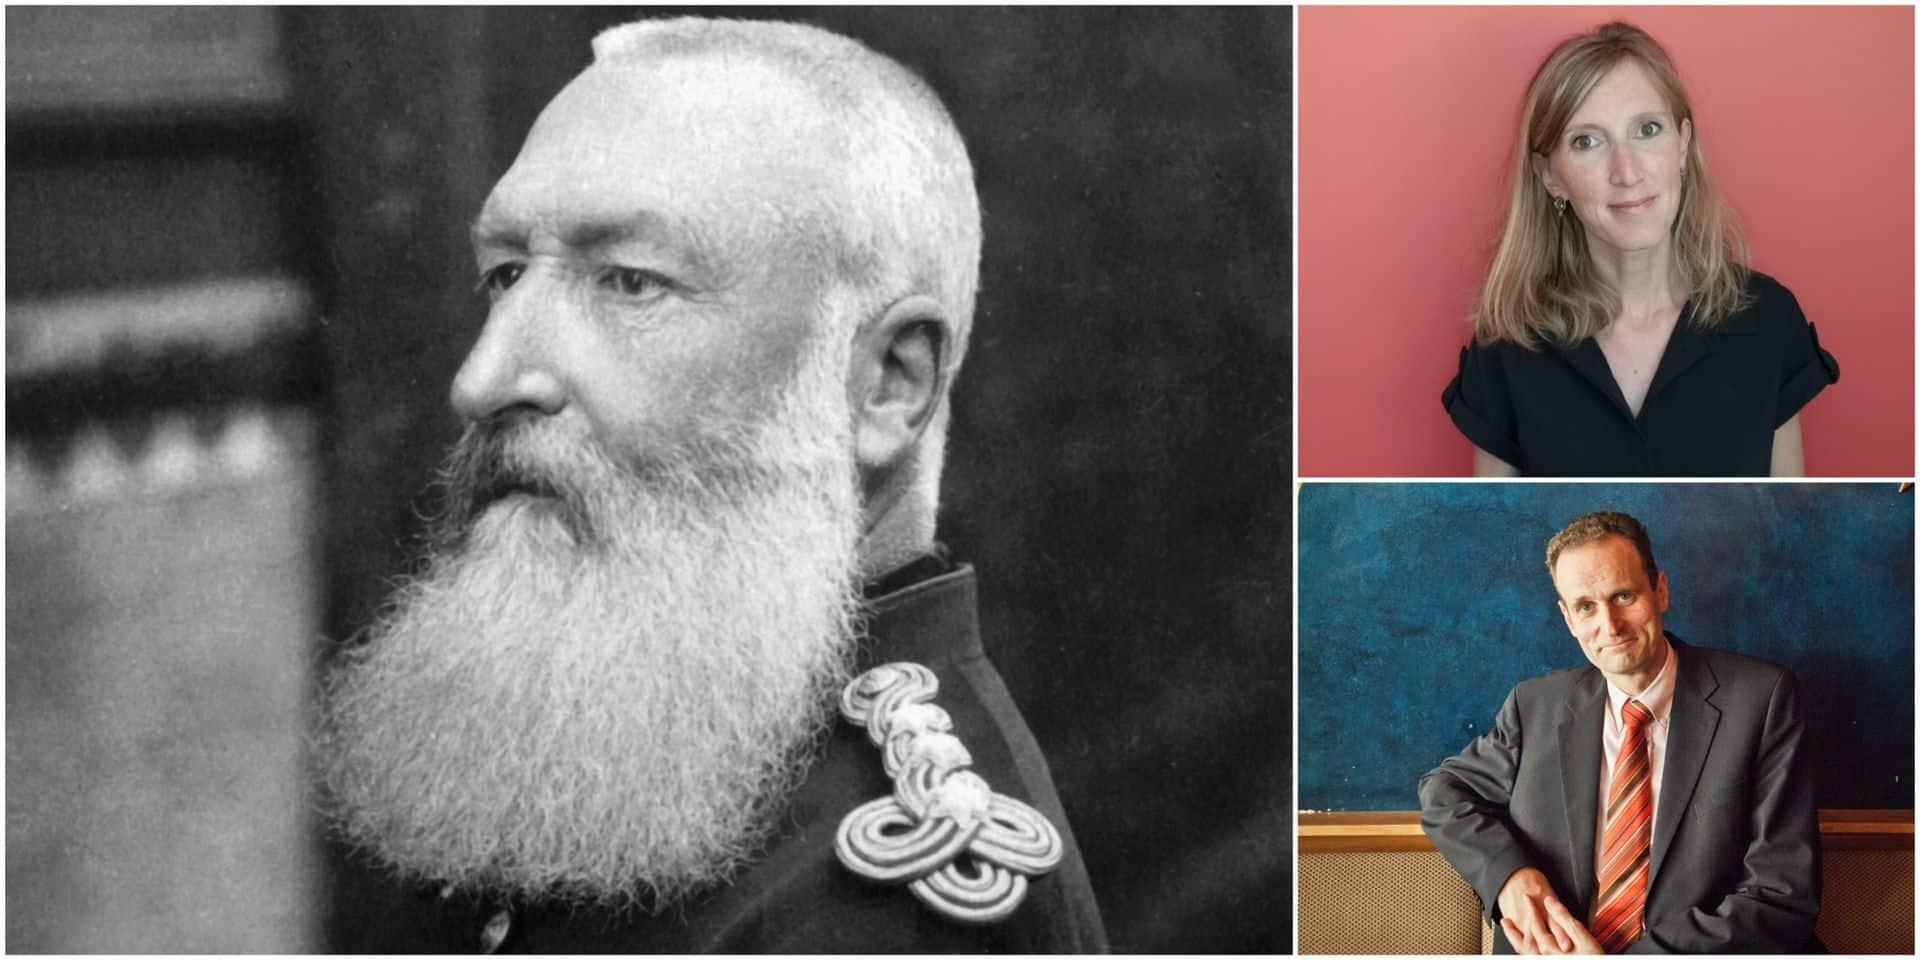 Jeunesse, personnalité, pouvoir, colonisation: qui était réellement Léopold II?